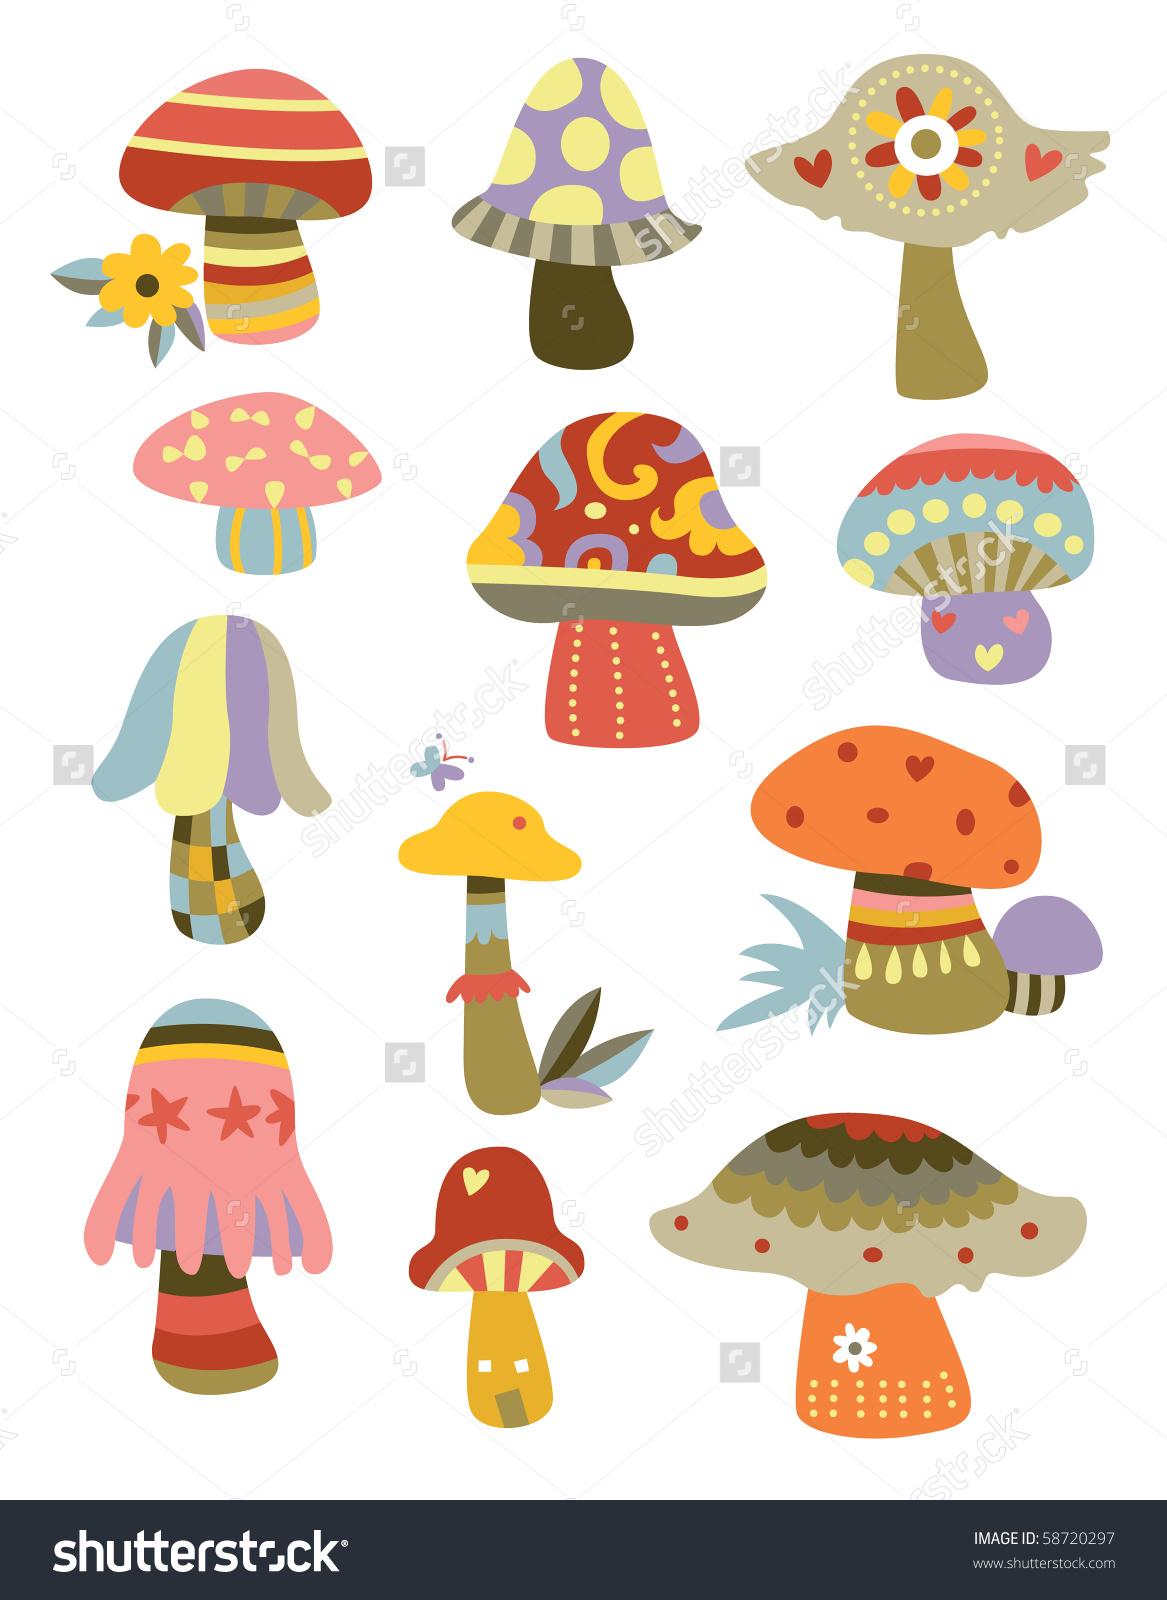 Set Cute Decorative Mushrooms Various Shapes Stock Vector 58720297.